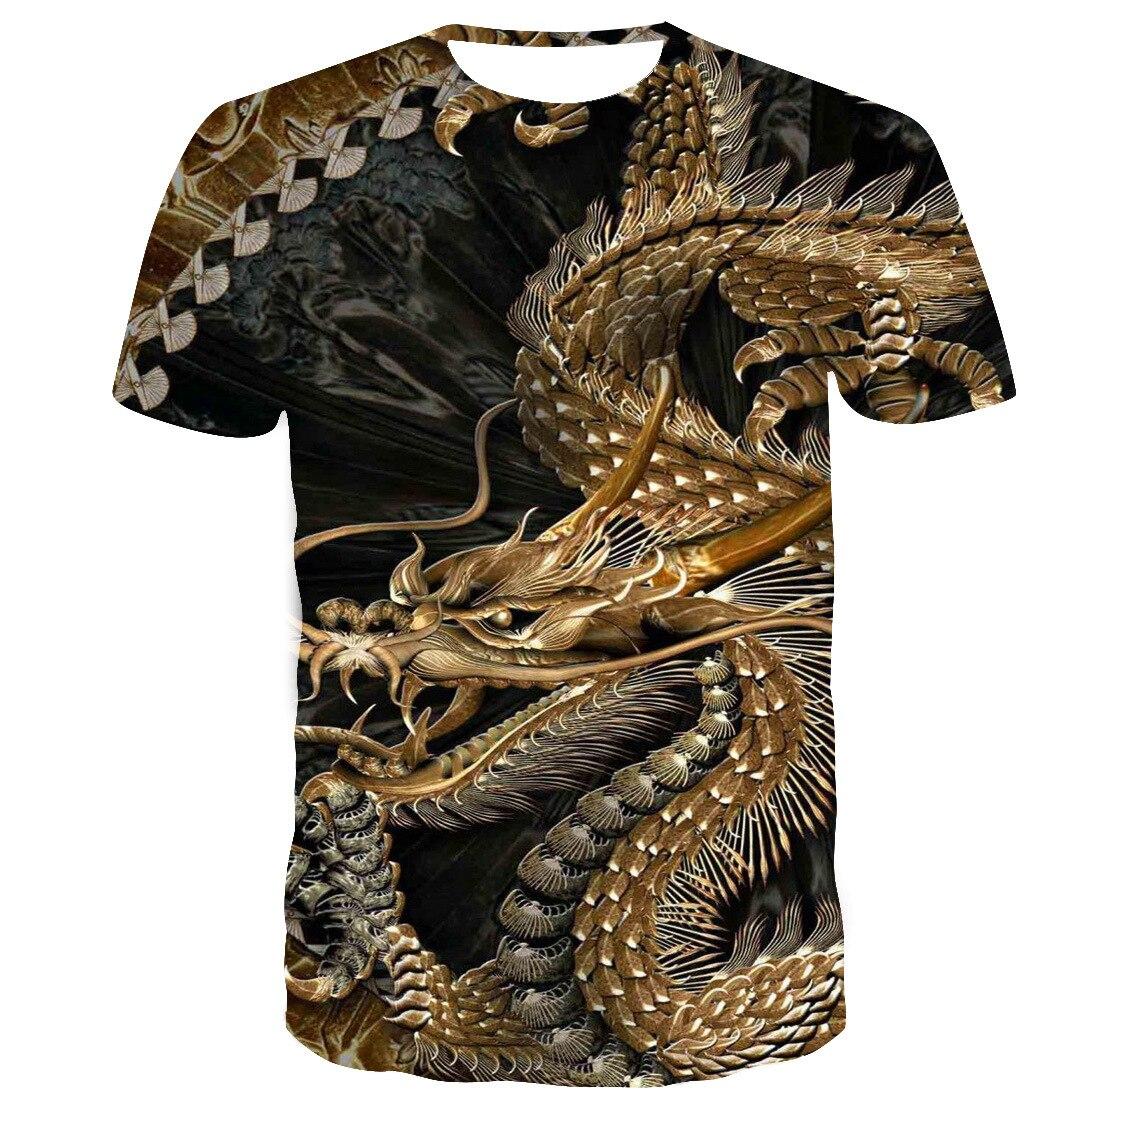 2020 popular novo chinês padrão 3d impressão personalizado dragão camiseta casual e versátil masculino gola redonda camisetas